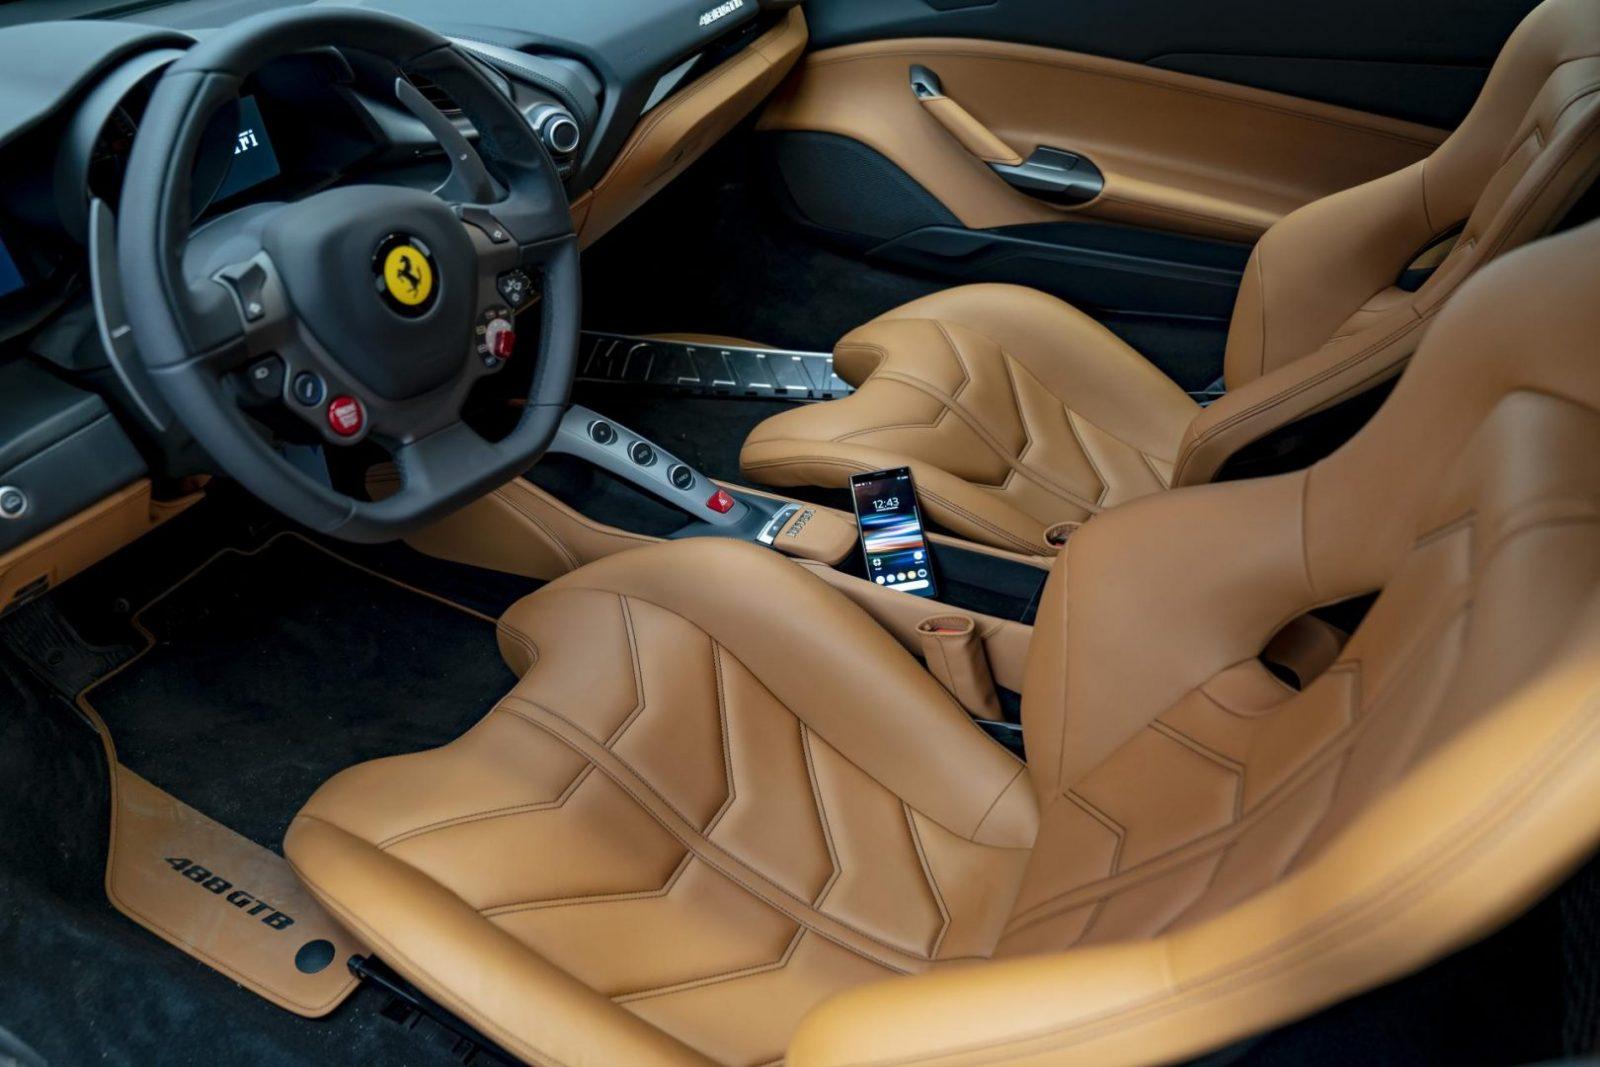 Xperia 10 i Ferrari 488 GTB – połączenie dla wymagających